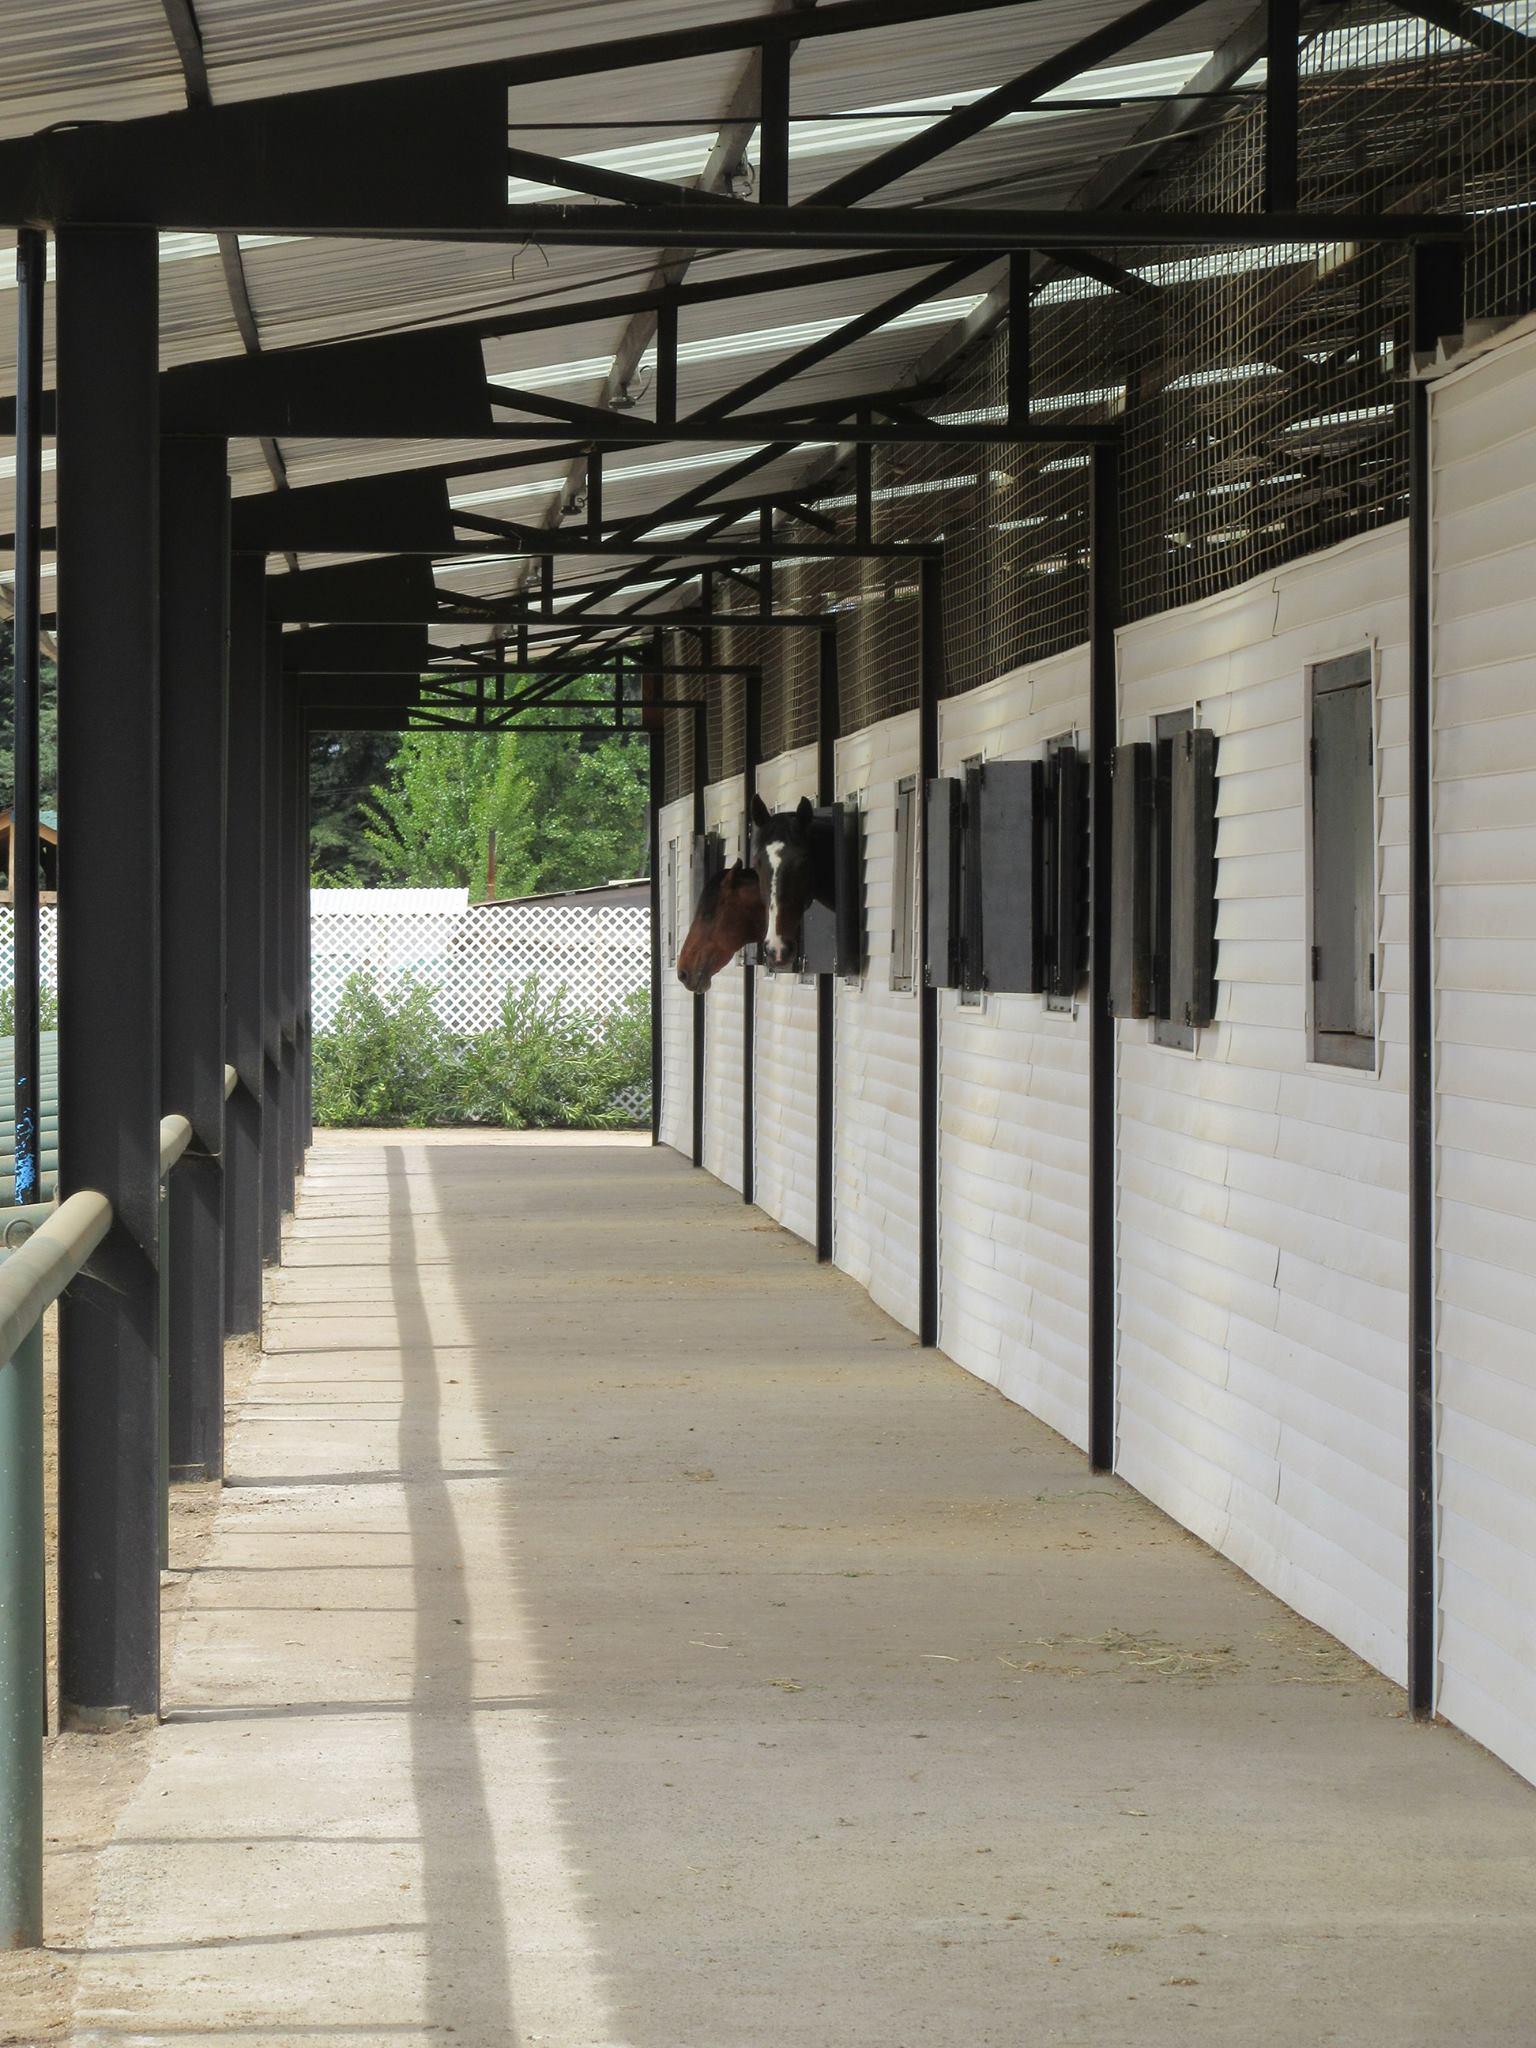 Instalaciones Pasillo exterior fot21